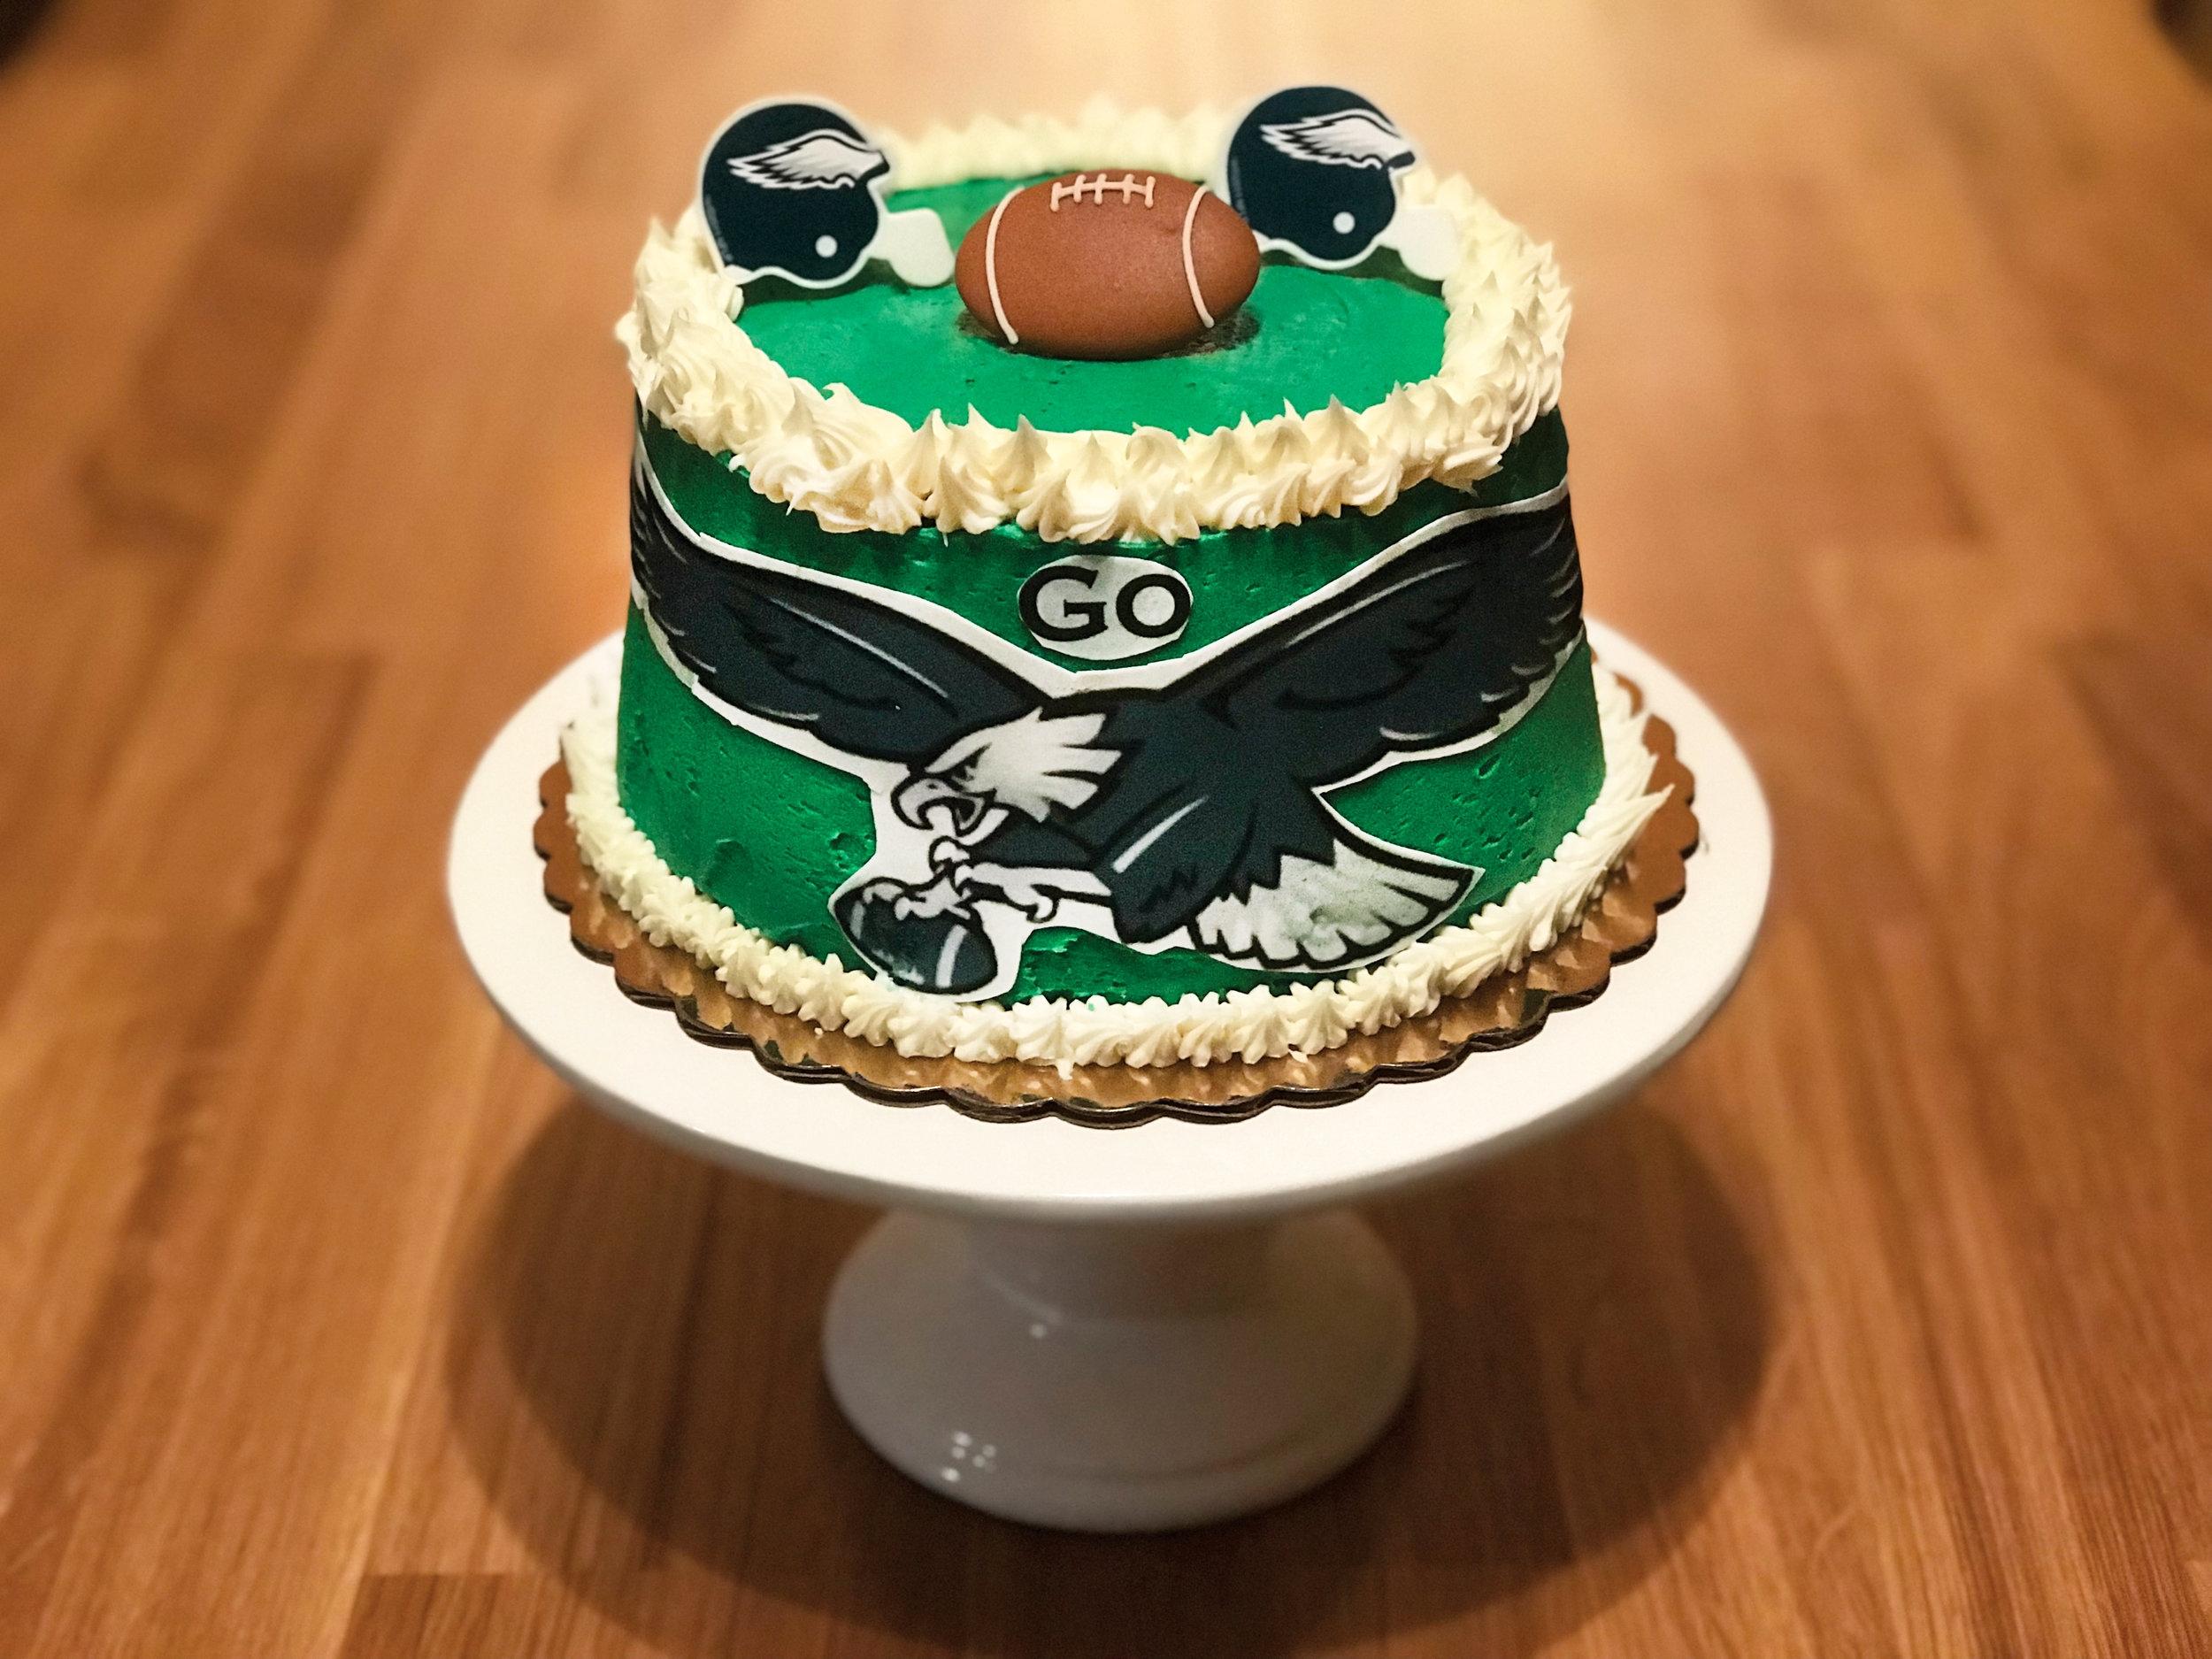 Eagles_cake1.jpg